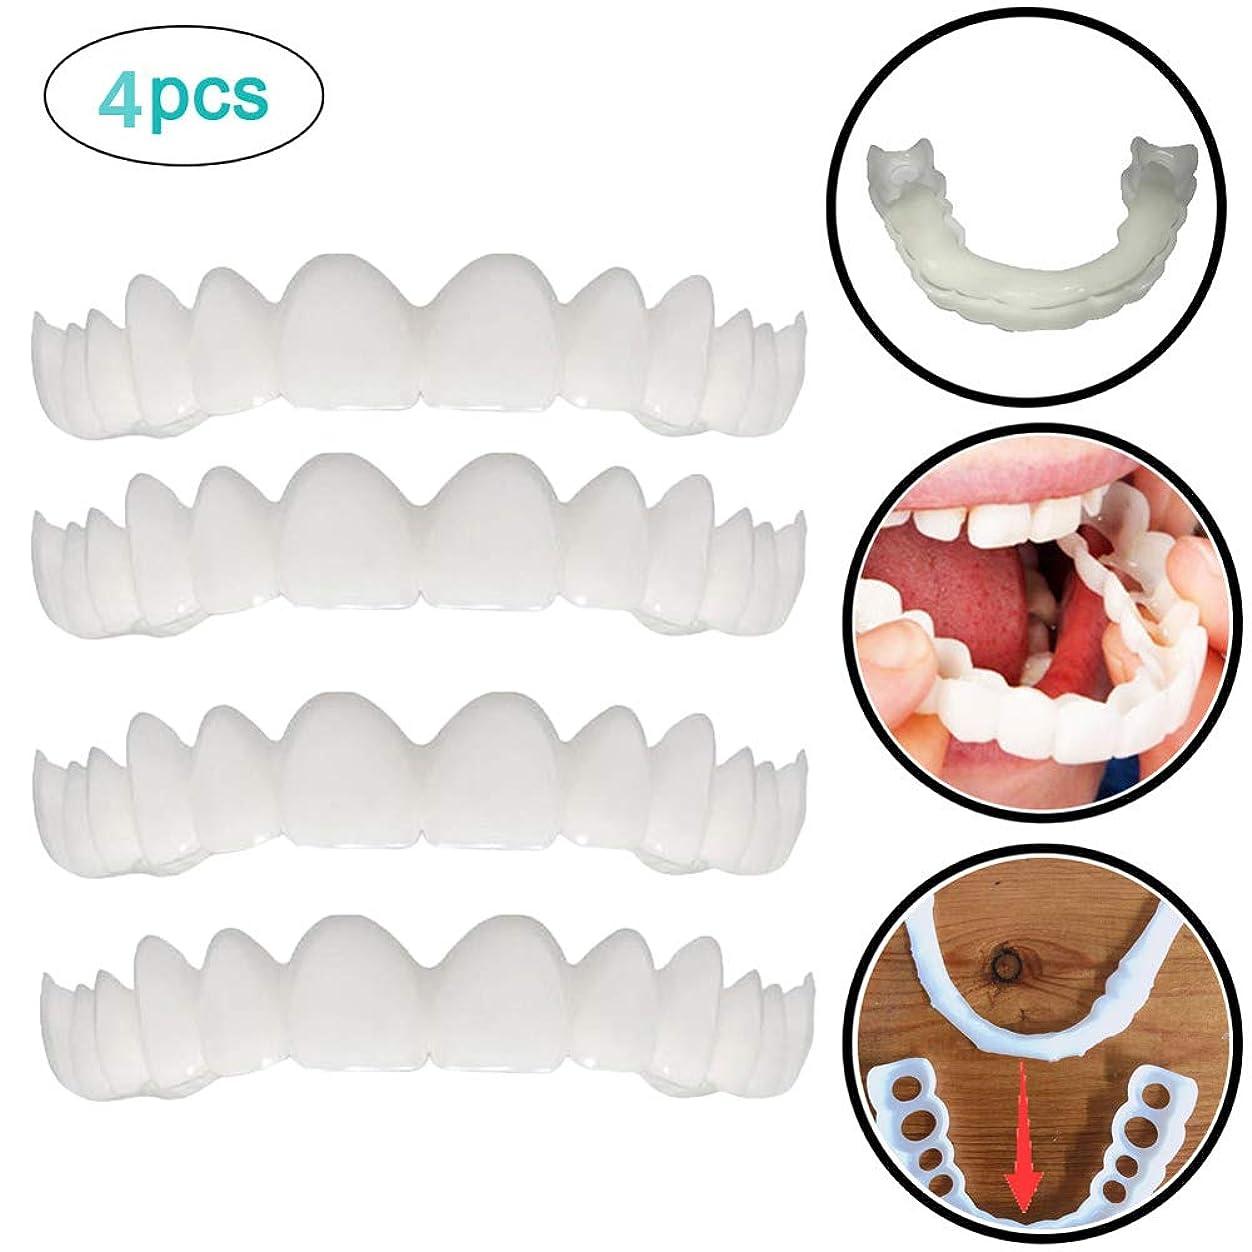 繕う鹿地上のインスタント快適で柔らかい完璧なベニヤの歯スナップキャップを白くする一時的な化粧品歯義歯歯の化粧品シミュレーション上袖/下括弧の4枚,upperteeth4pcs